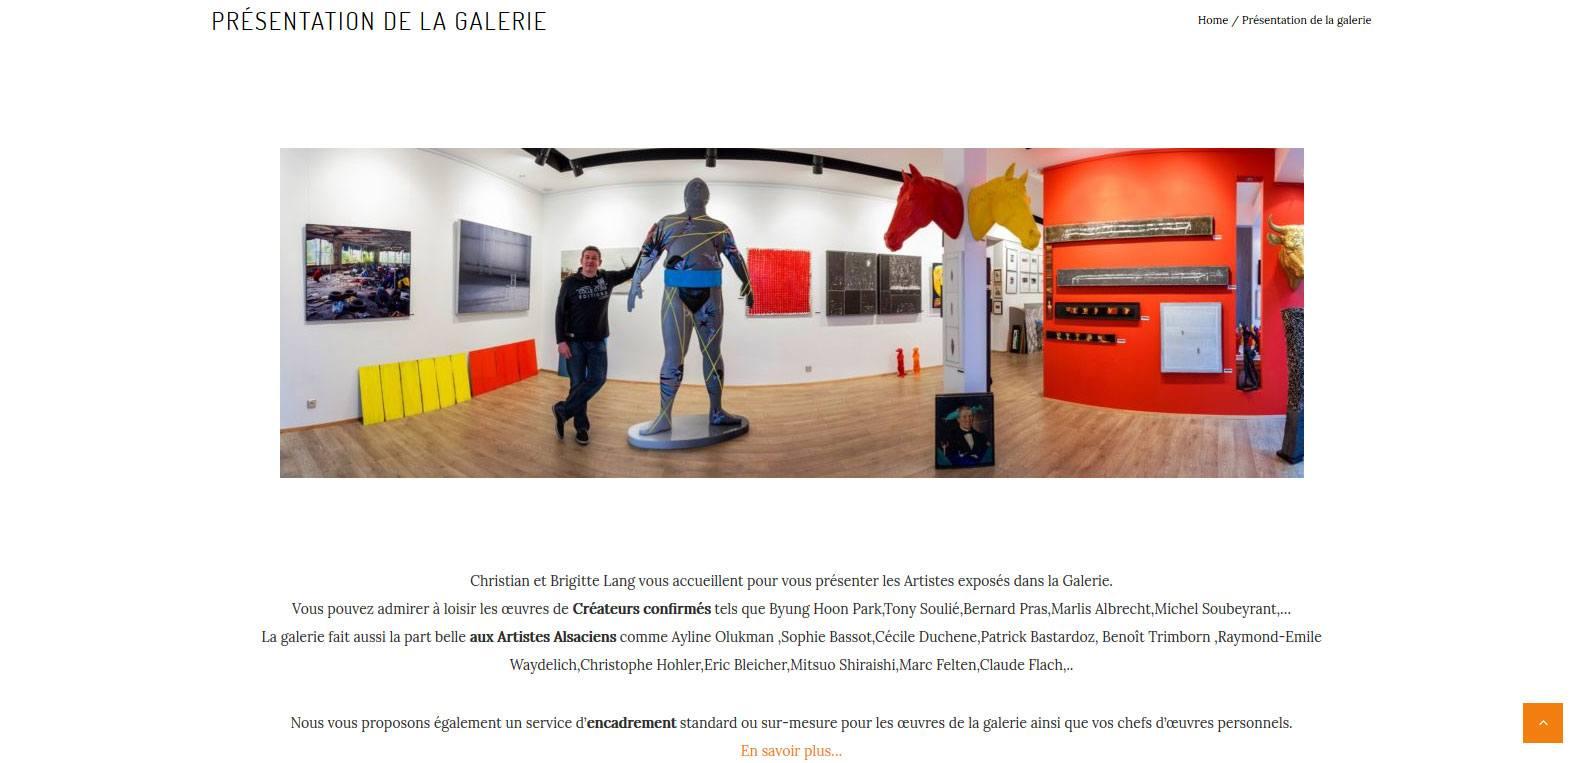 la gallerie courant d'art, la part belle aux artistes alsaciens. Un client Karedesss agency, agence web situé à Mulhouse